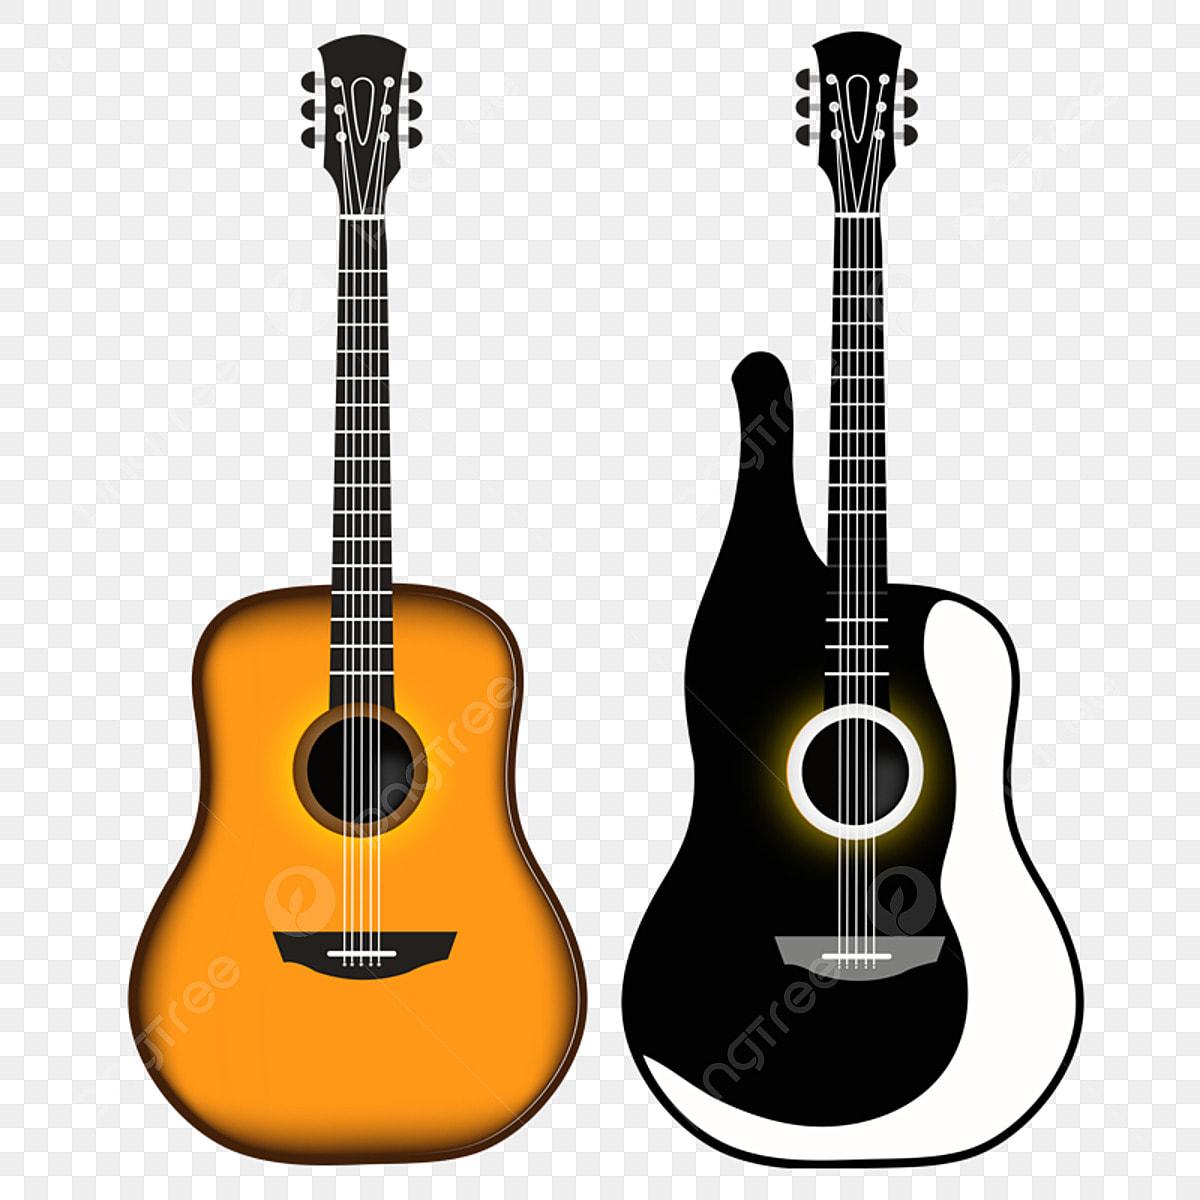 стильная гитара пнг картинка